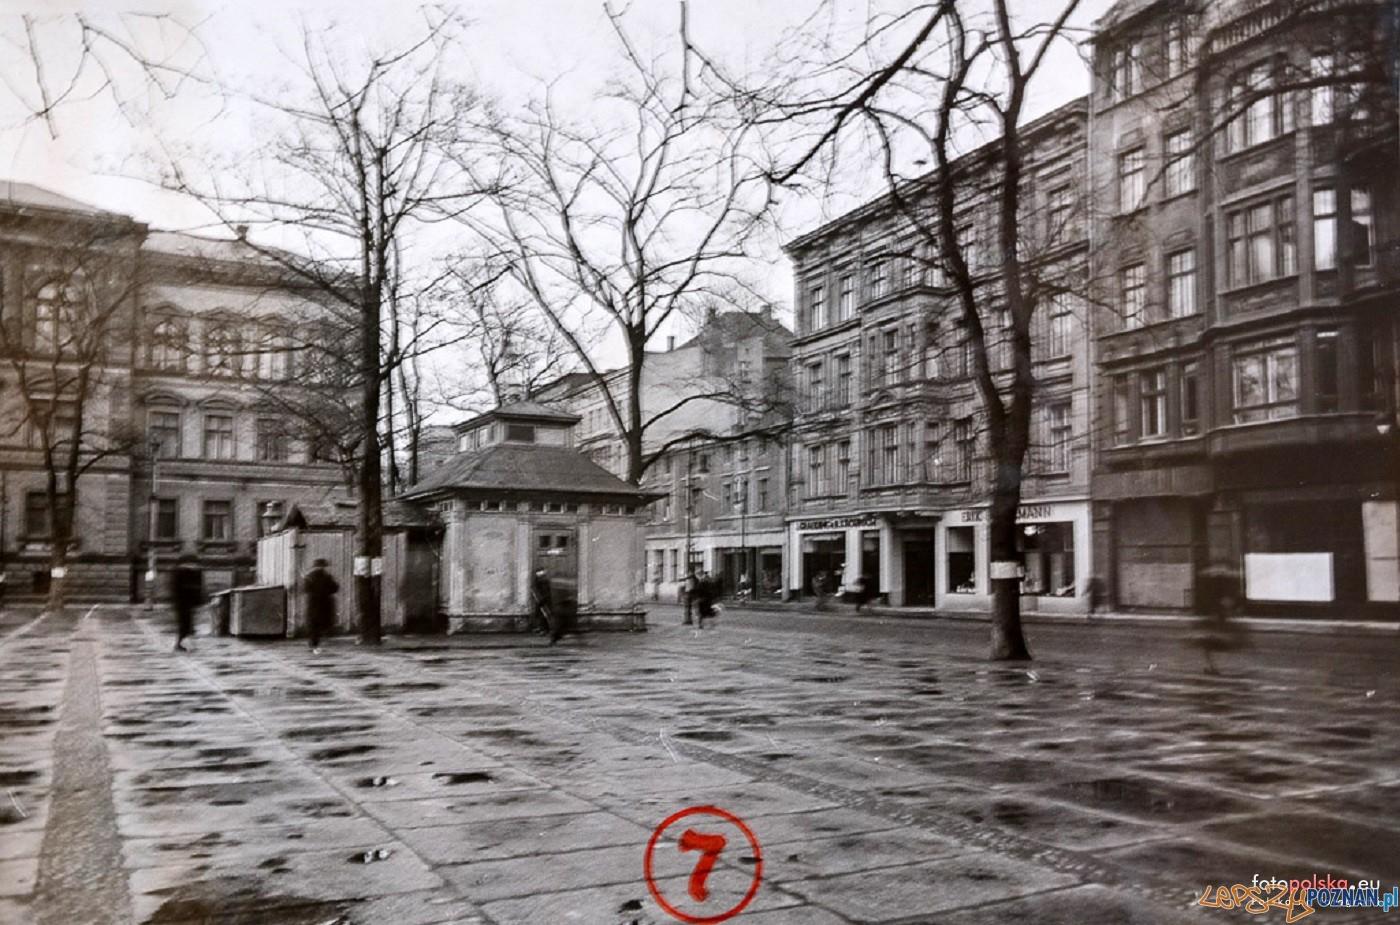 Plac Wielkopolski 1940 - 44  Foto: Miejski Konserwator Zabytków / fotopolska